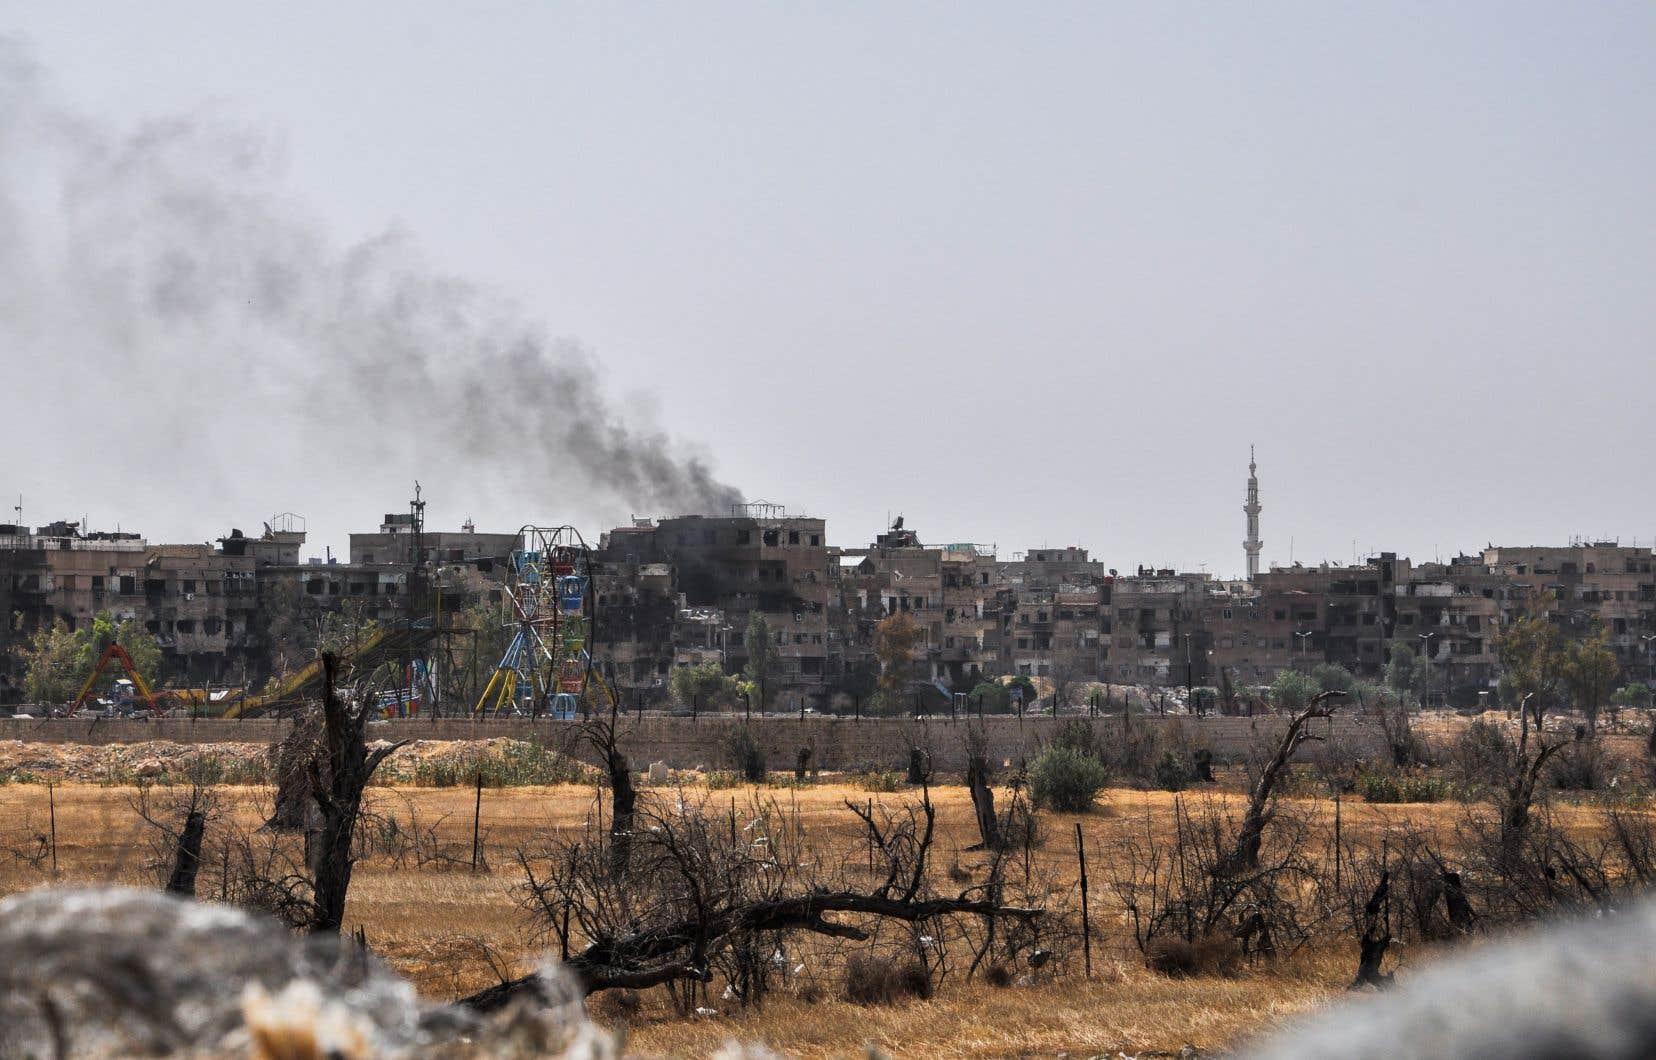 La ville de Douma, vendredi, où une attaque chimique présumée a fait au moins 40 morts au début du mois d'avril, selon les secouristes.